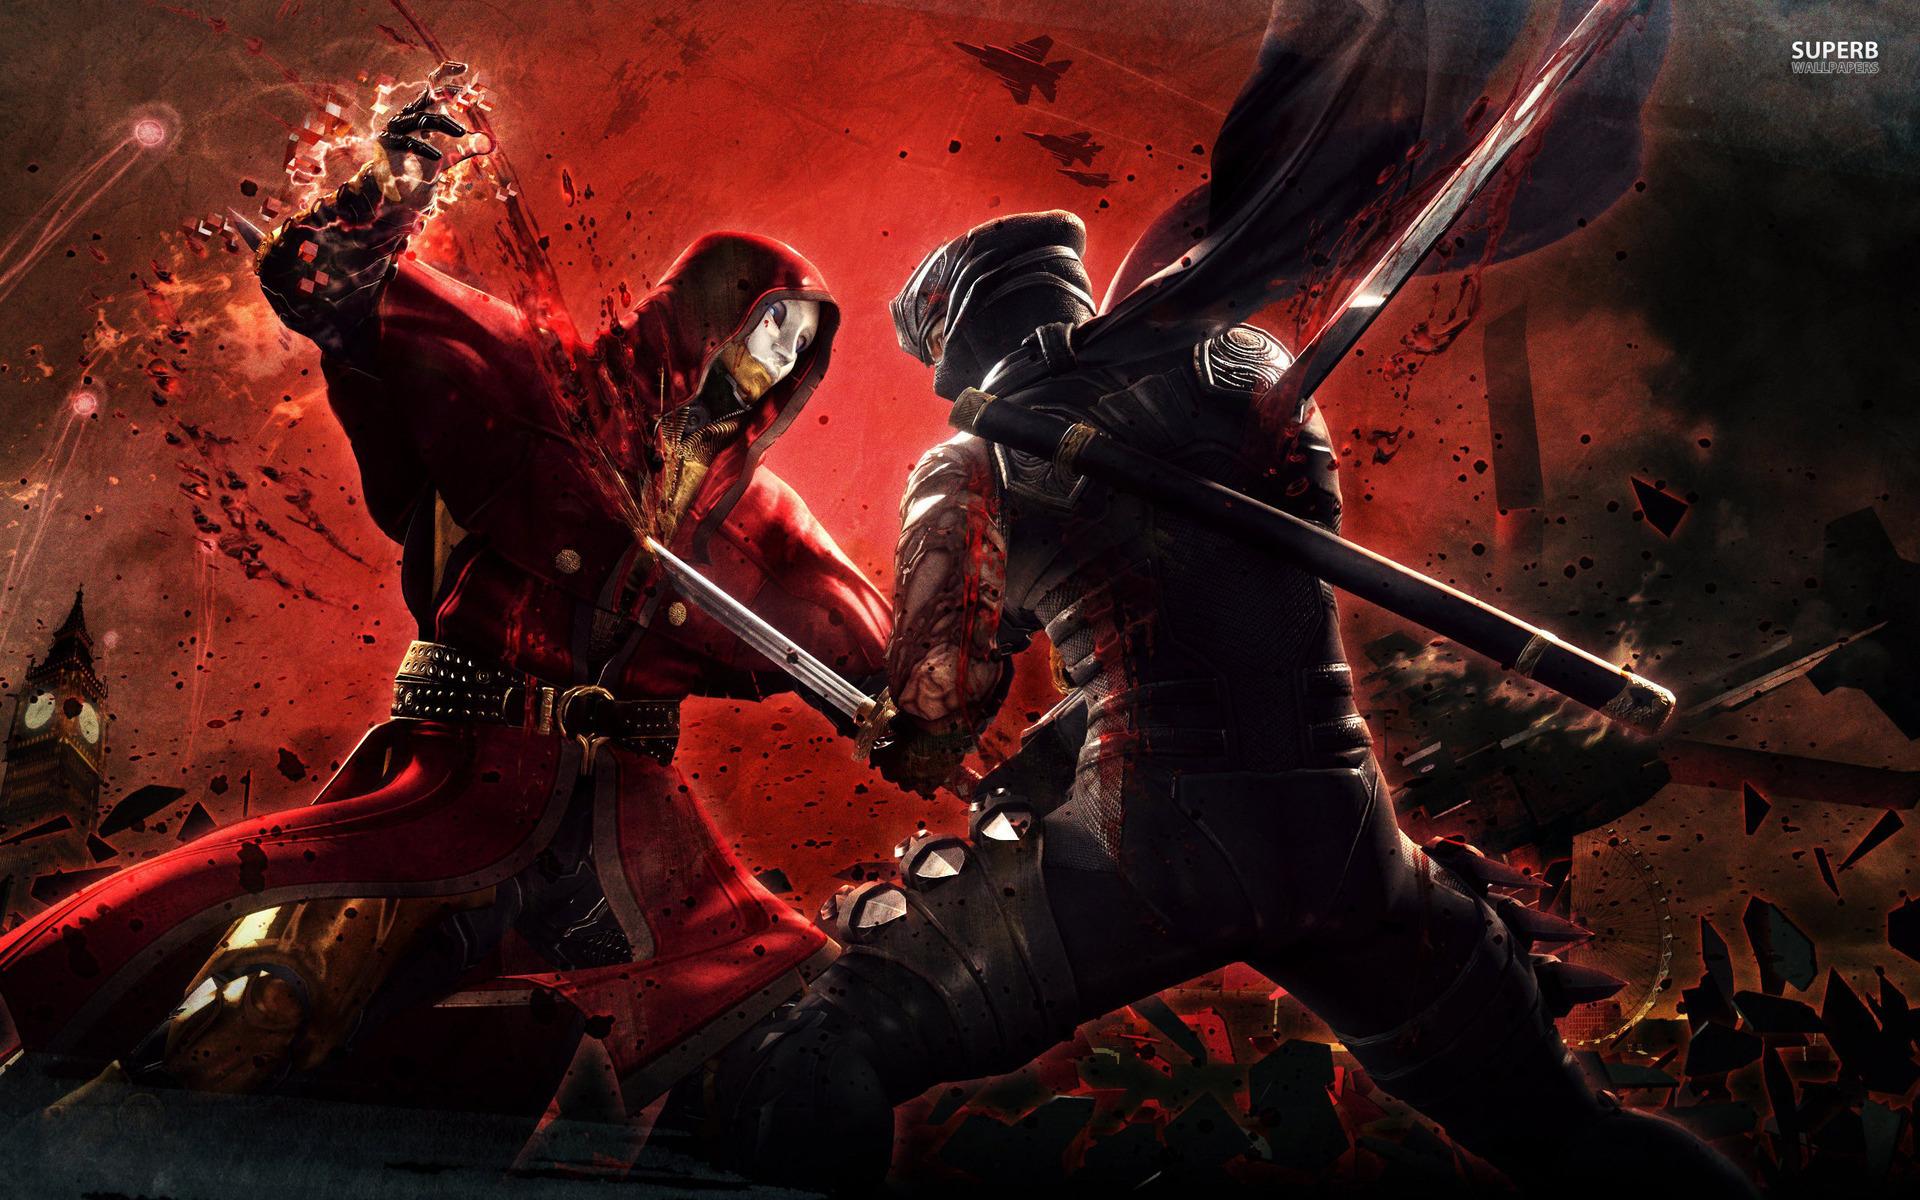 Ninja Gaiden 3 Wallpapers Video Game Hq Ninja Gaiden 3 Pictures 4k Wallpapers 2019